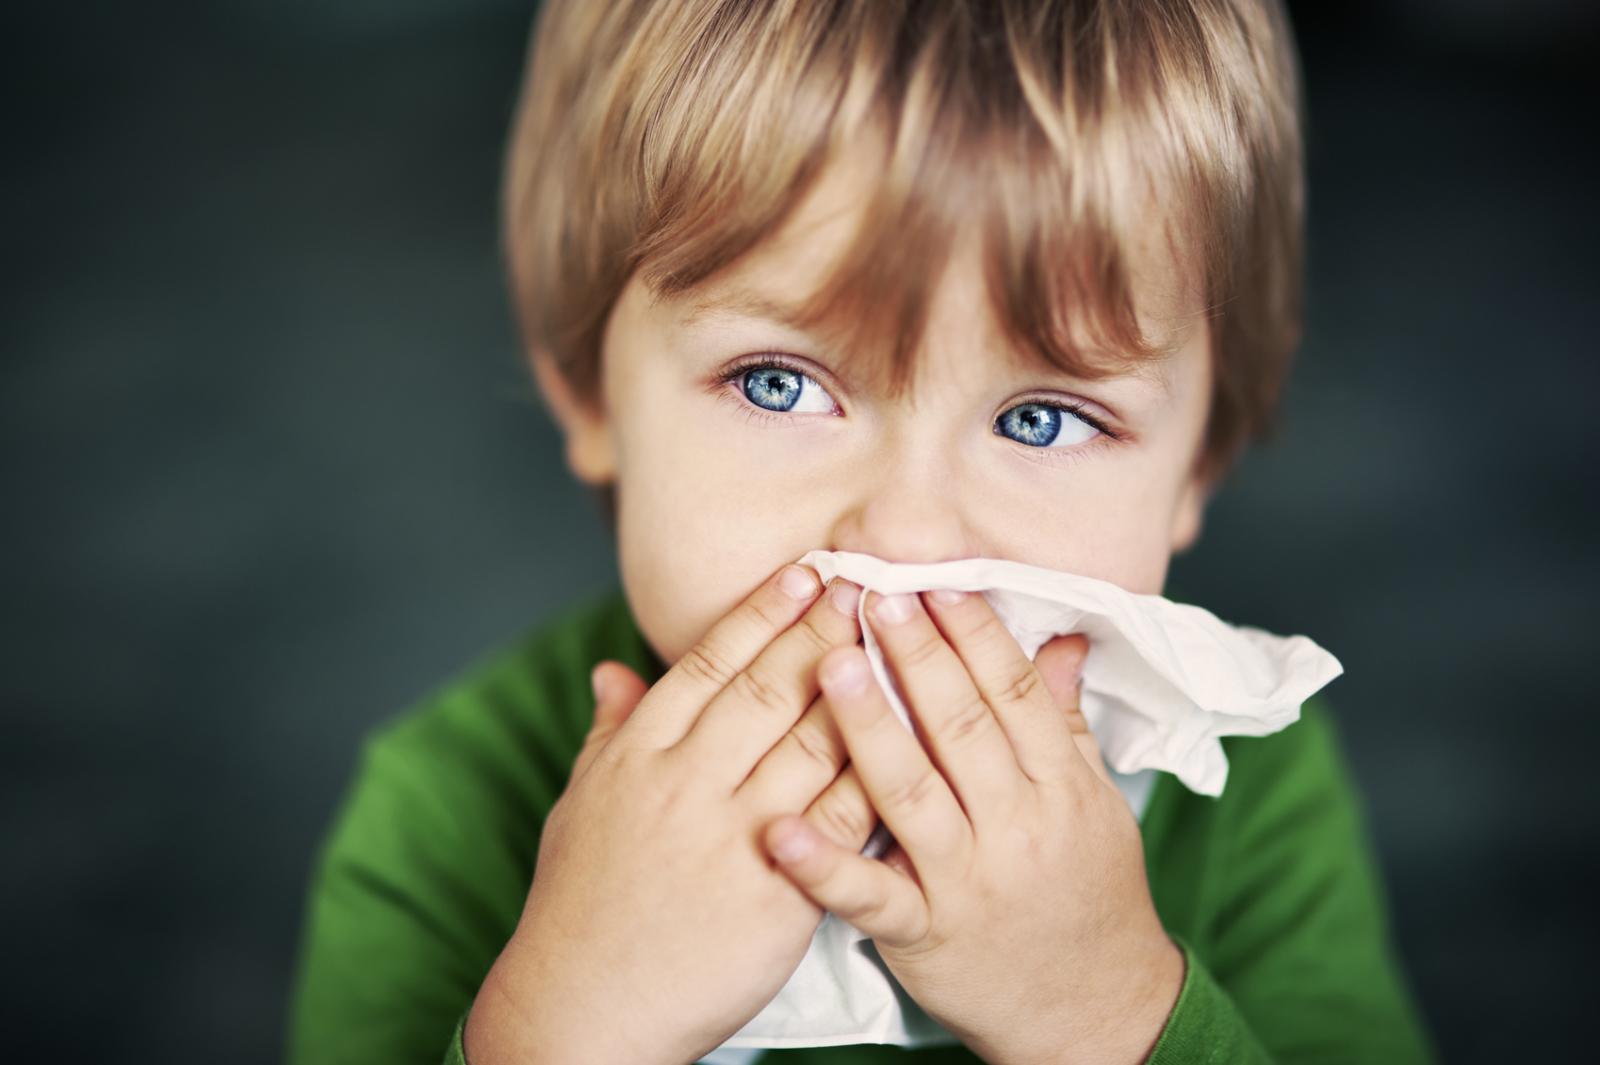 Dječje prehlade su noćna mora svakog roditelja i ponekad se čini da traju od listopada do svibnja.